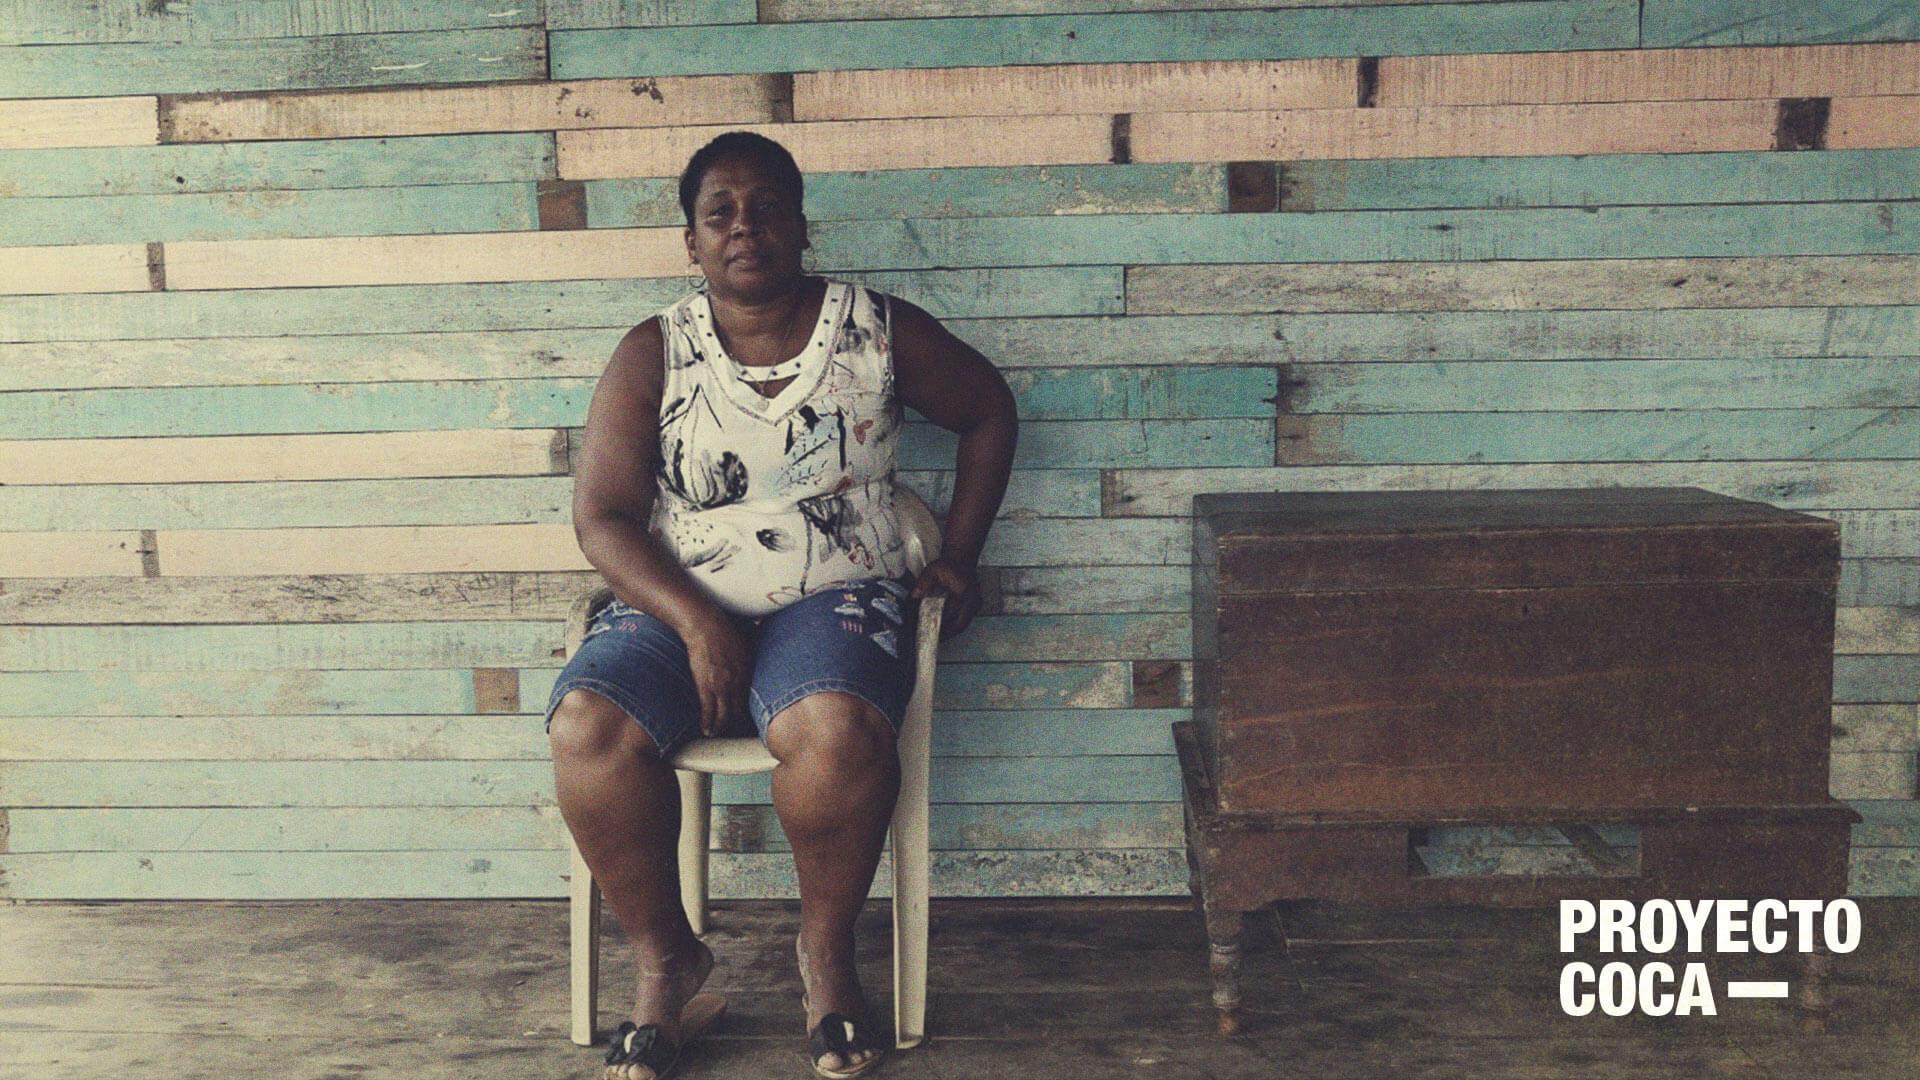 'Tiendas de paz' en Tumaco: el trueque como alternativa a la coca